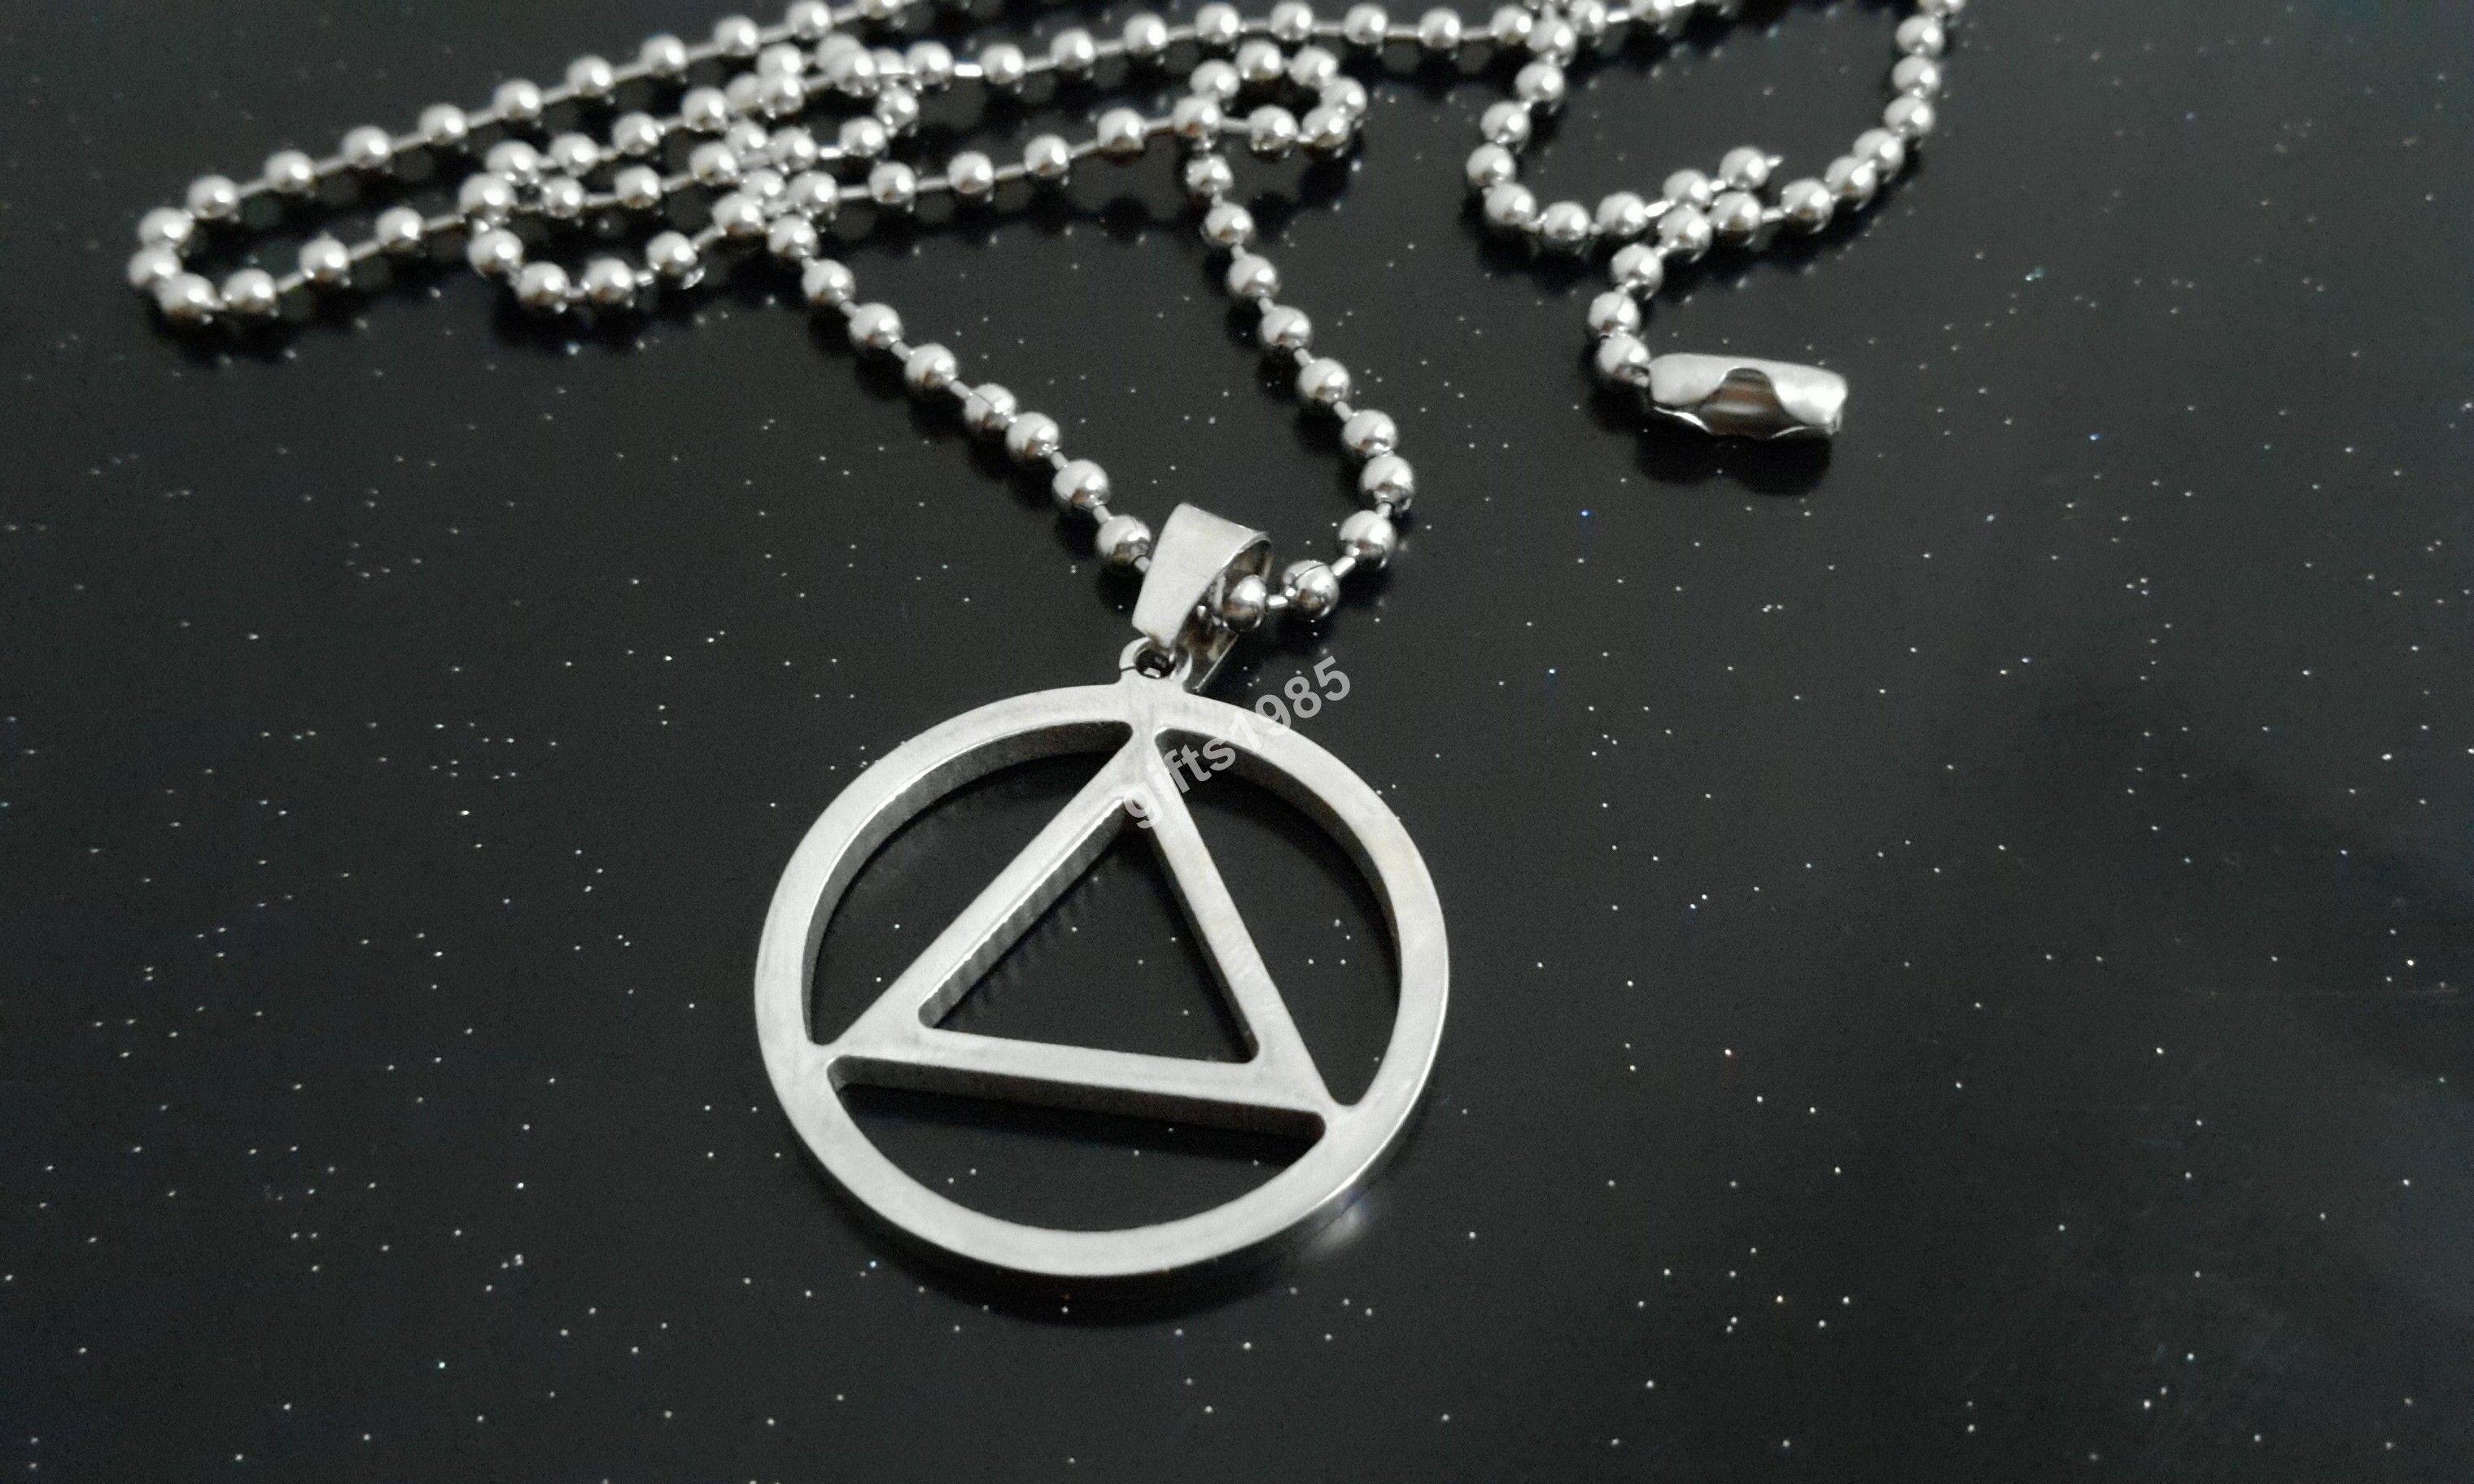 En lo oculto, es el Triángulo / Círculo Taumatúrgico. Amuleto colgante de acero inoxidable